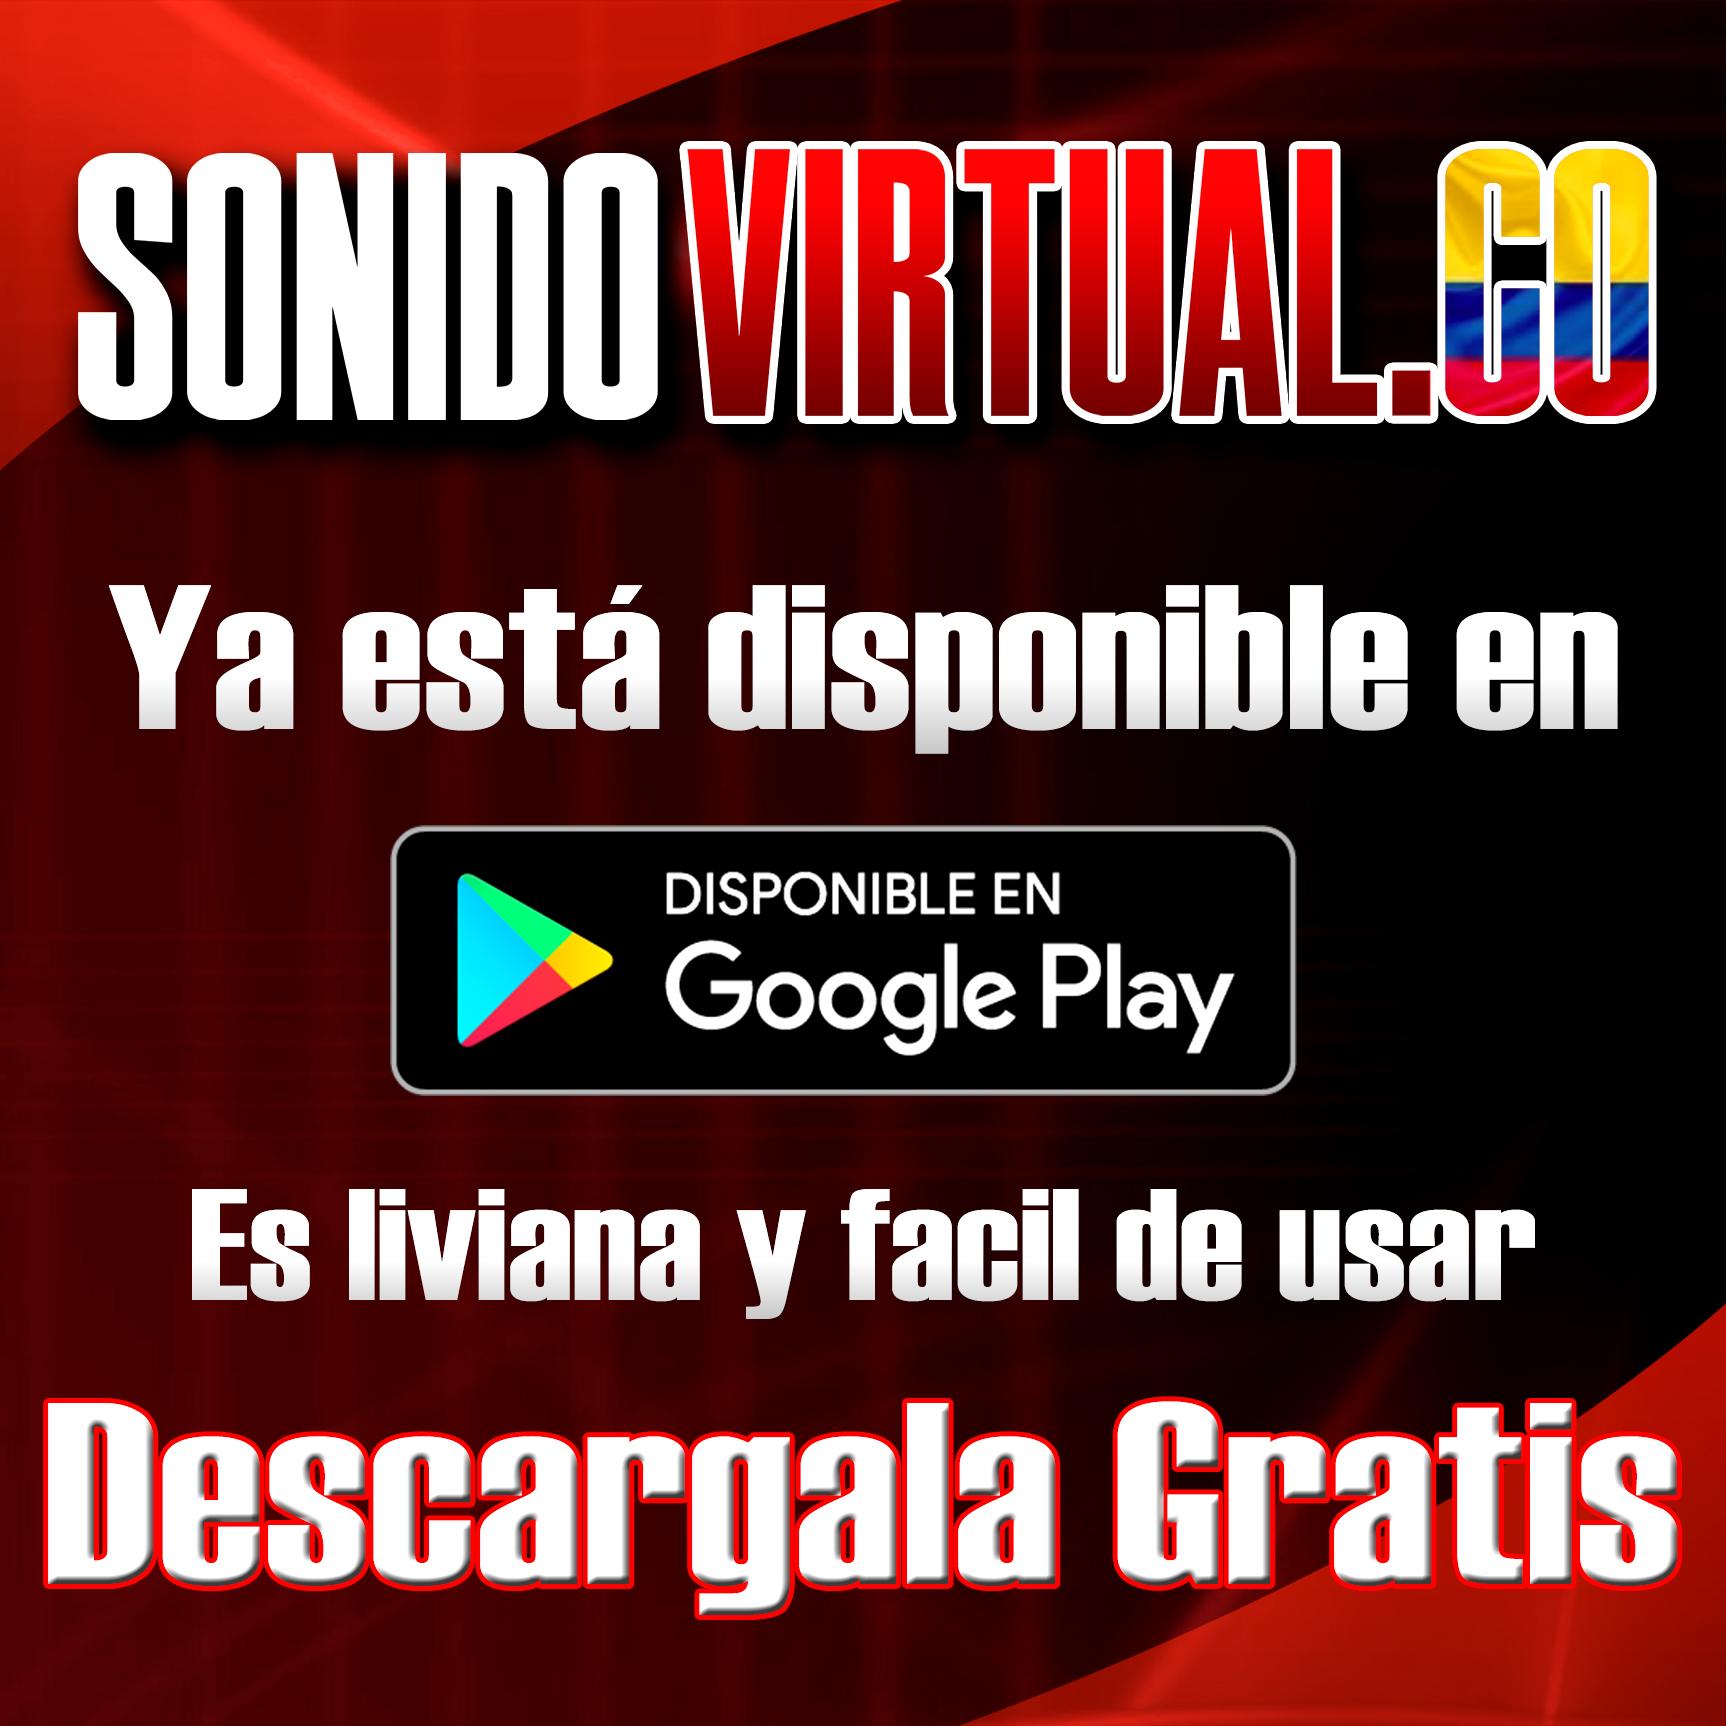 Descargue Gratis la APP de SonidoVirtual.co